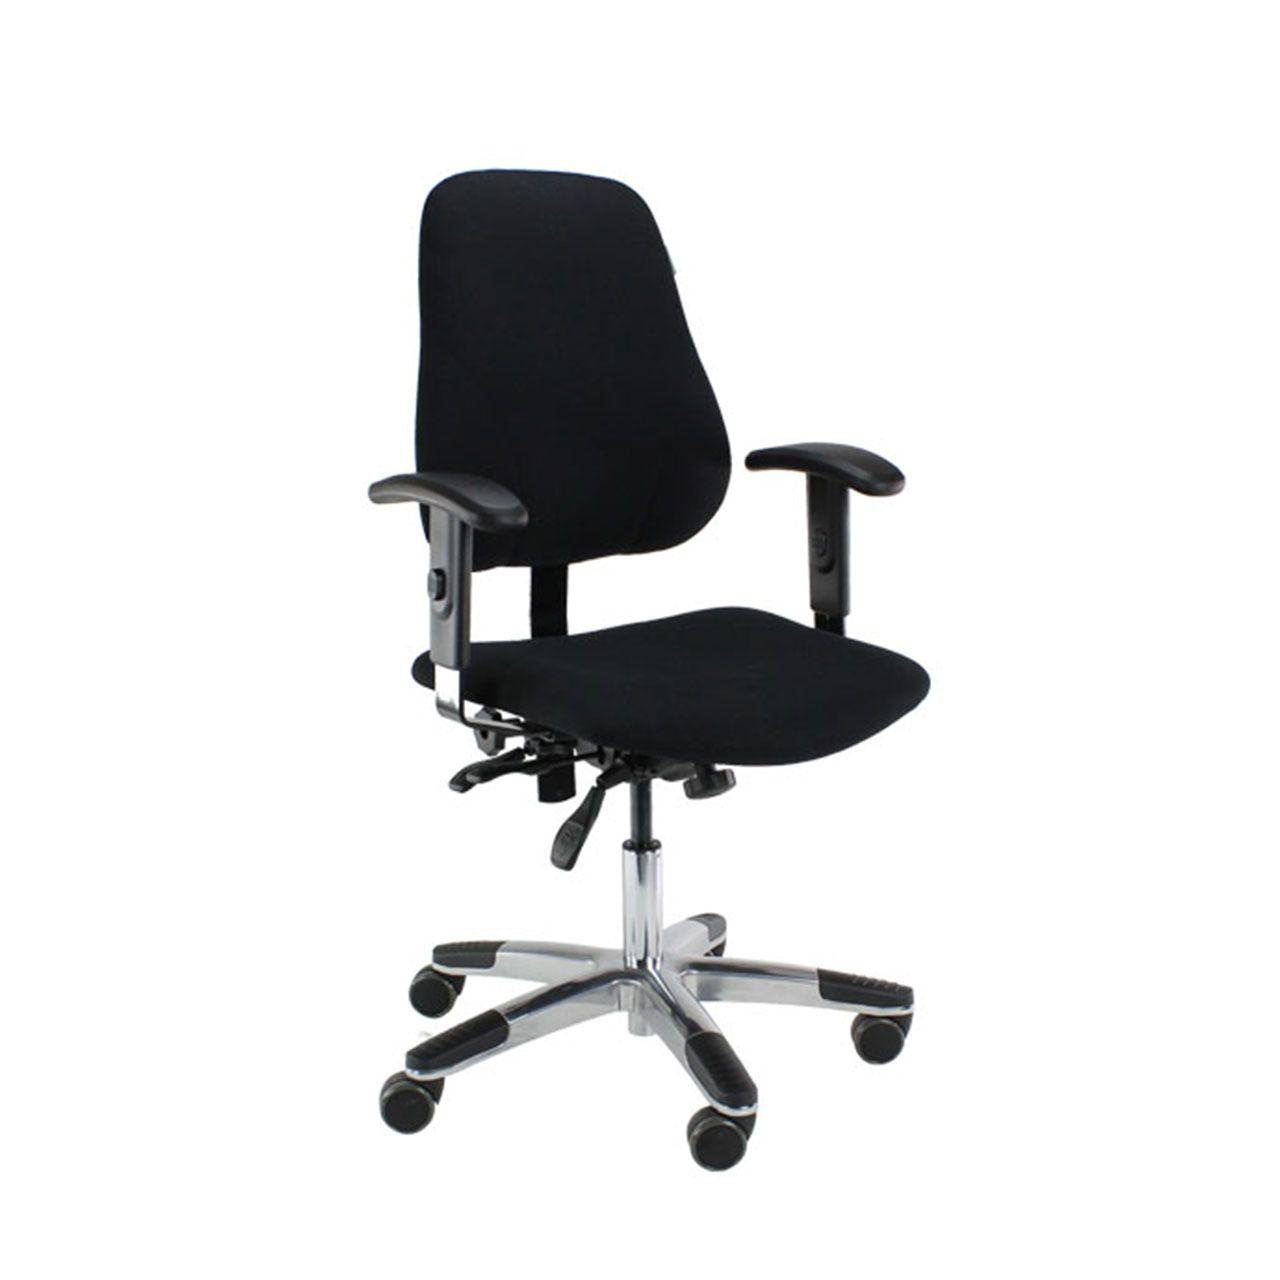 Score maxi 500 bureaustoel STKAVER501 0000 Zwart Voorkant